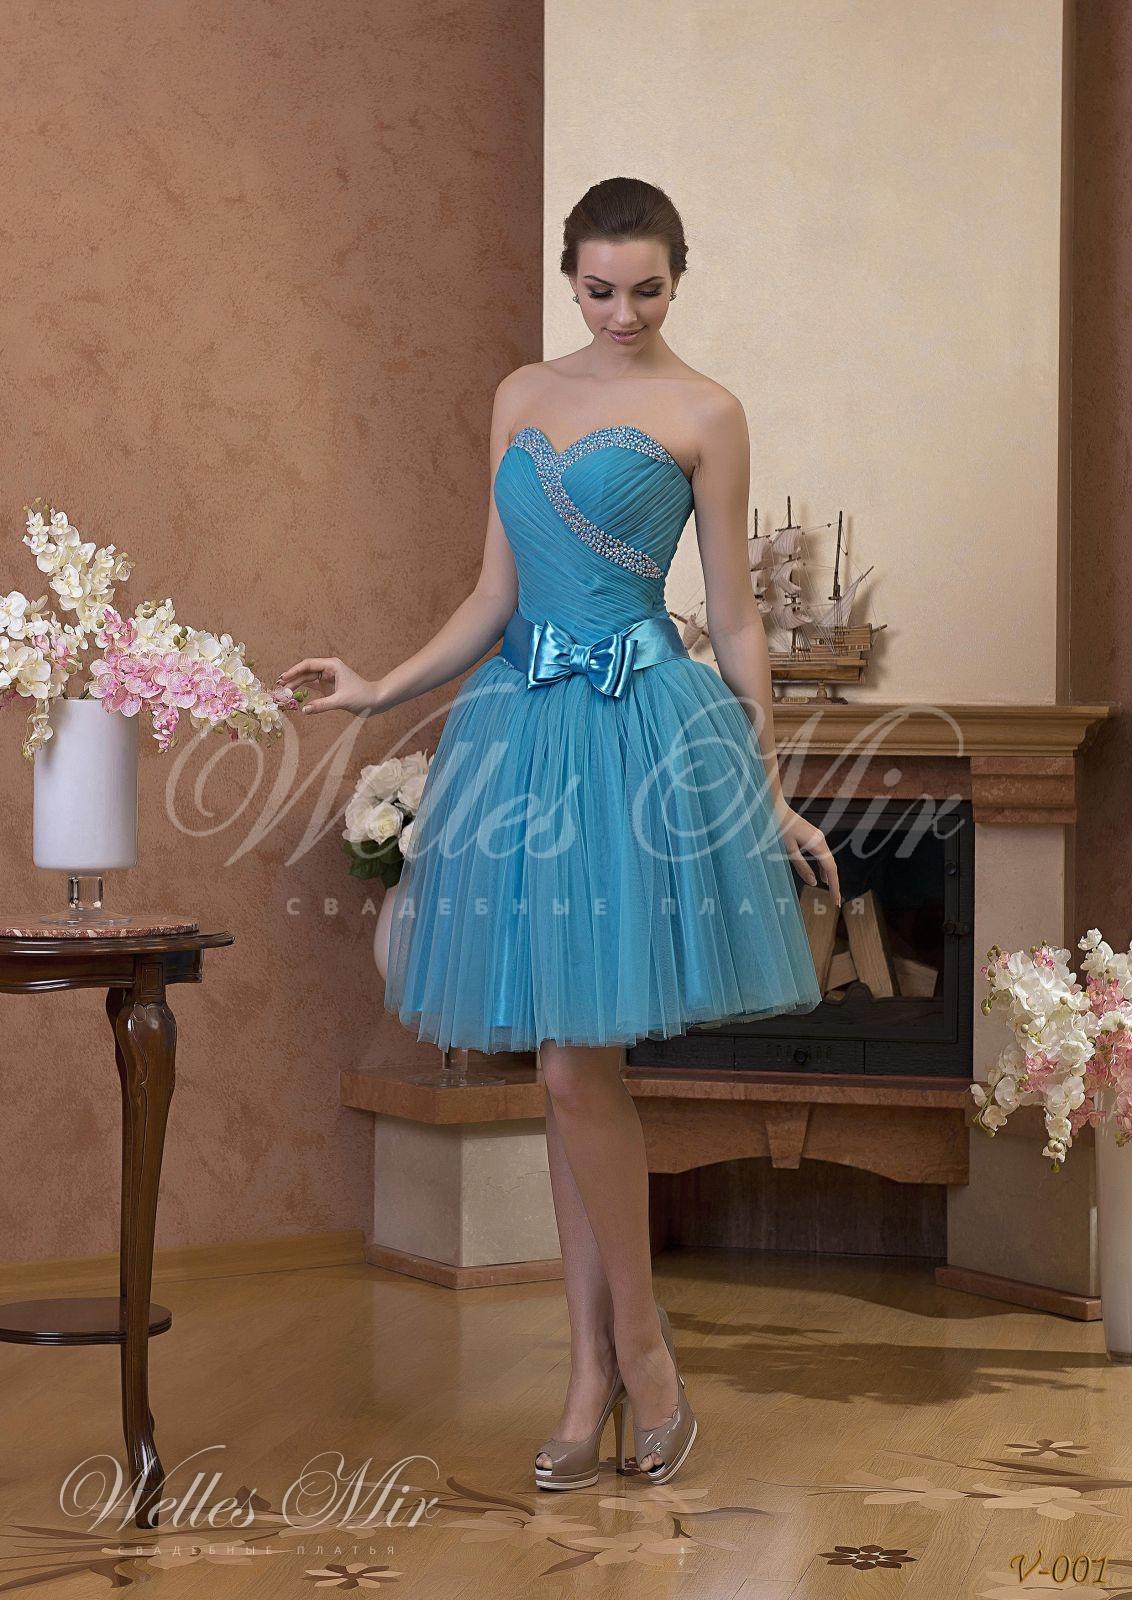 Вечерние платья Вечерние платья - V-001